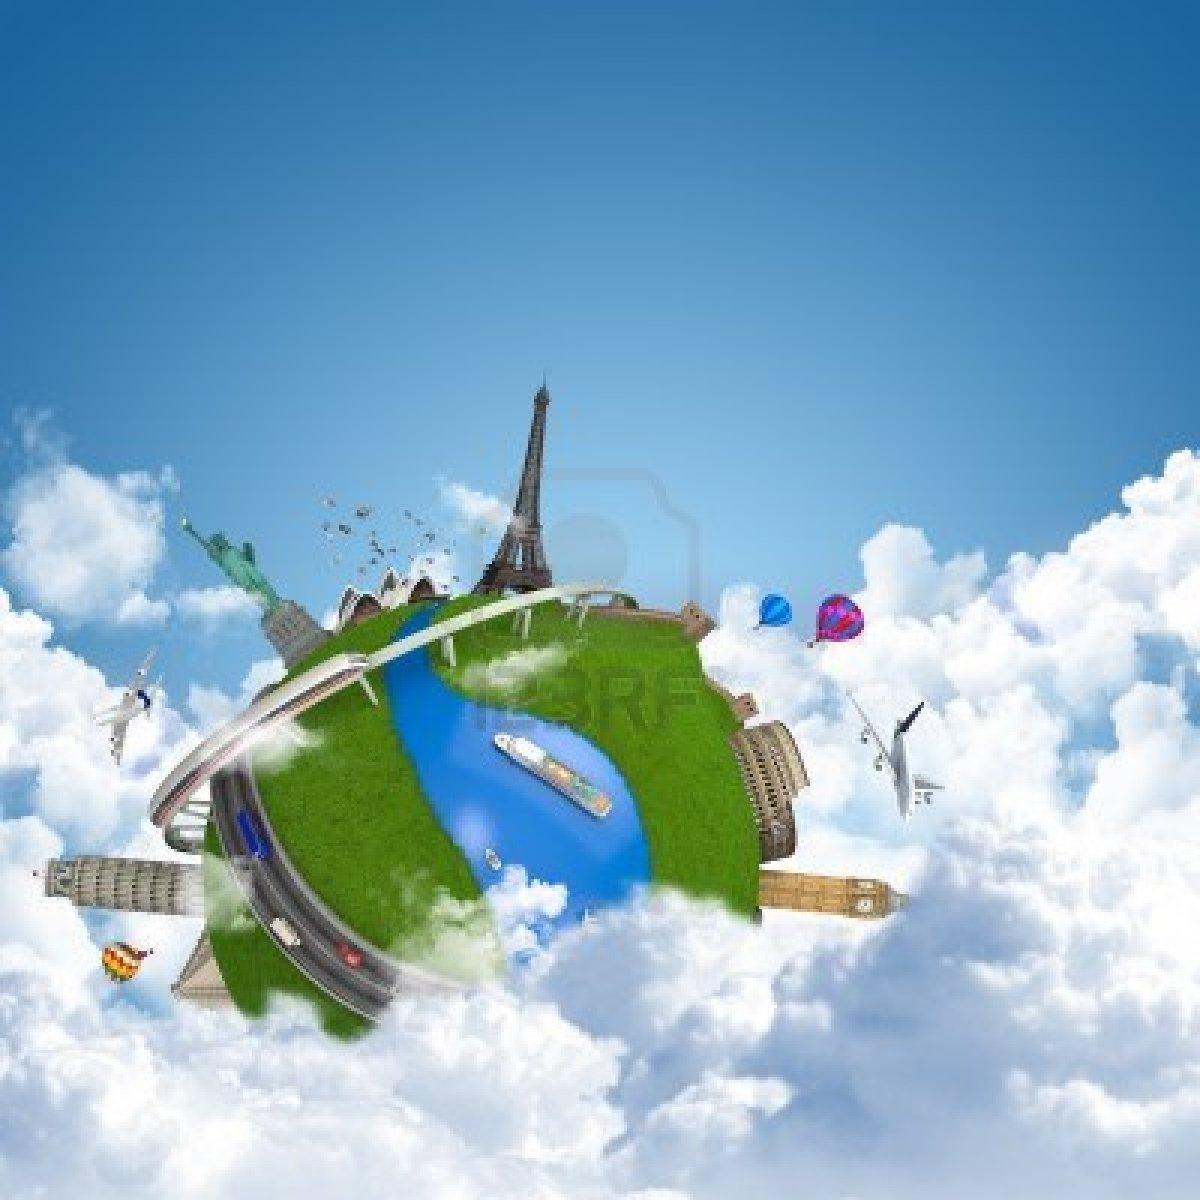 14181997-viajes-por-el-mundo-globo-concepto-con-puntos-de-referencia-por-encima-de-las-nubes-como-vacaciones-